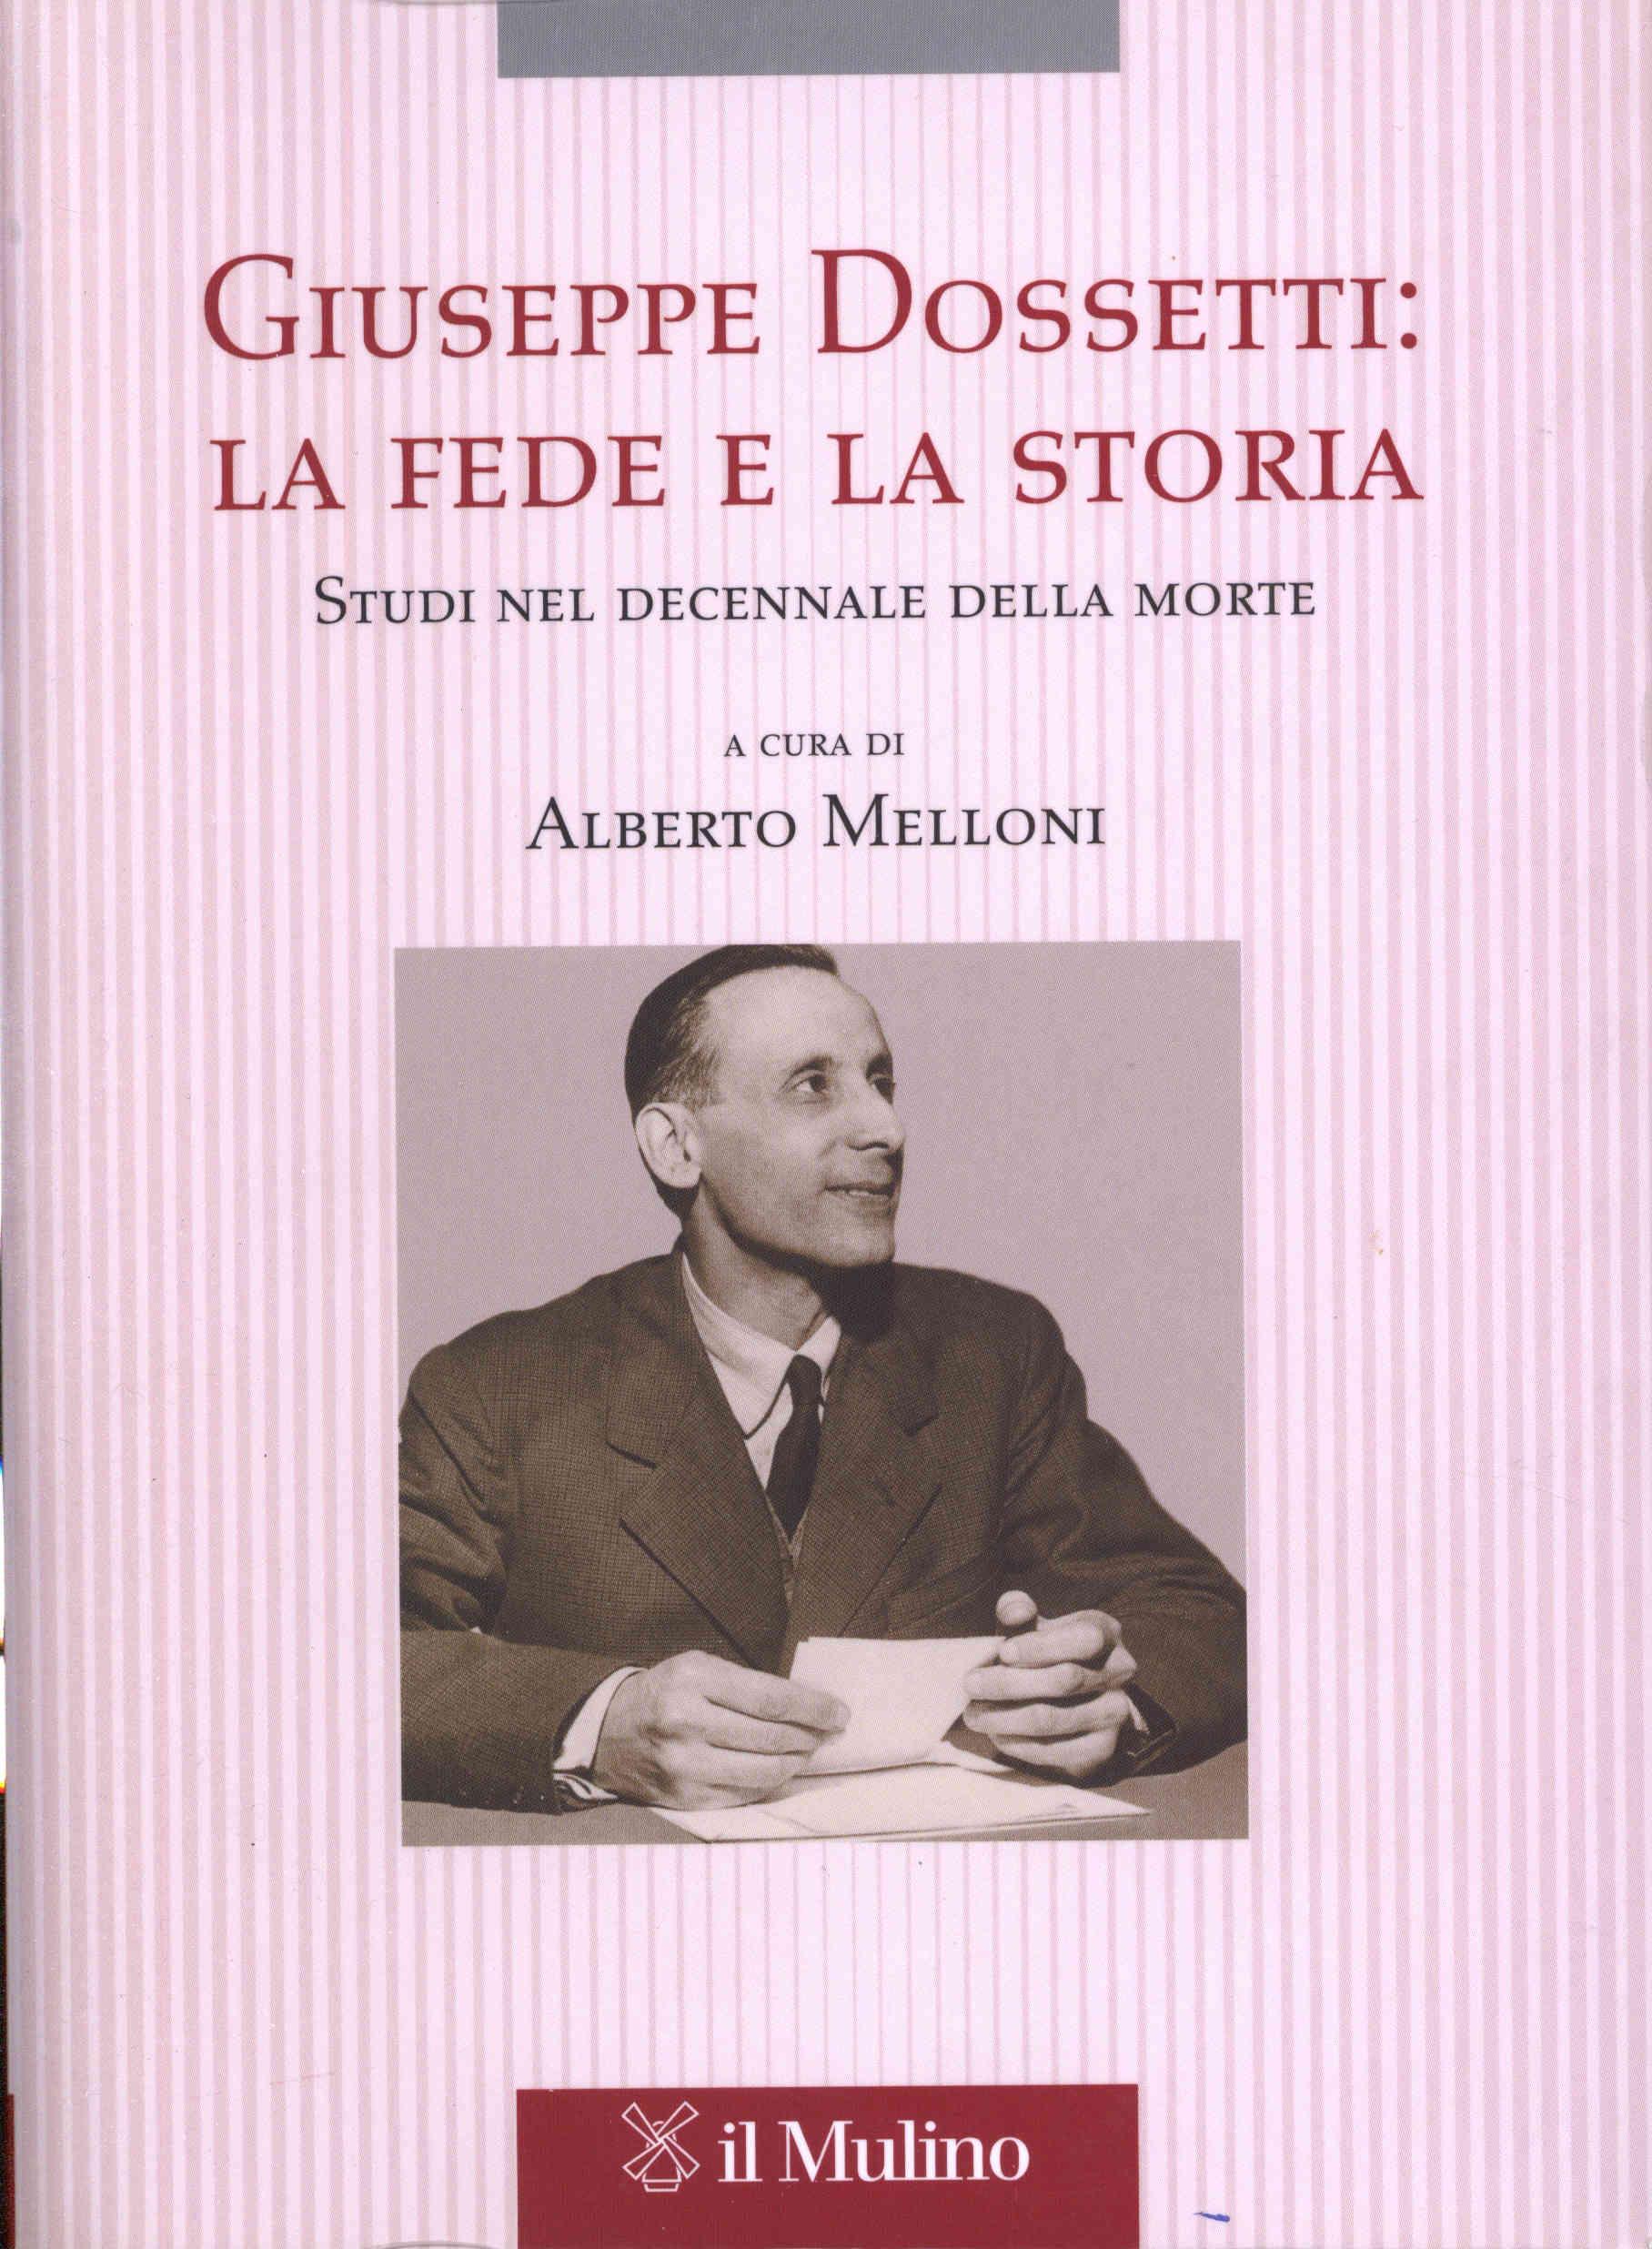 Giuseppe Dossetti_ La fede e la storia, a cura di Melloni A., 2007